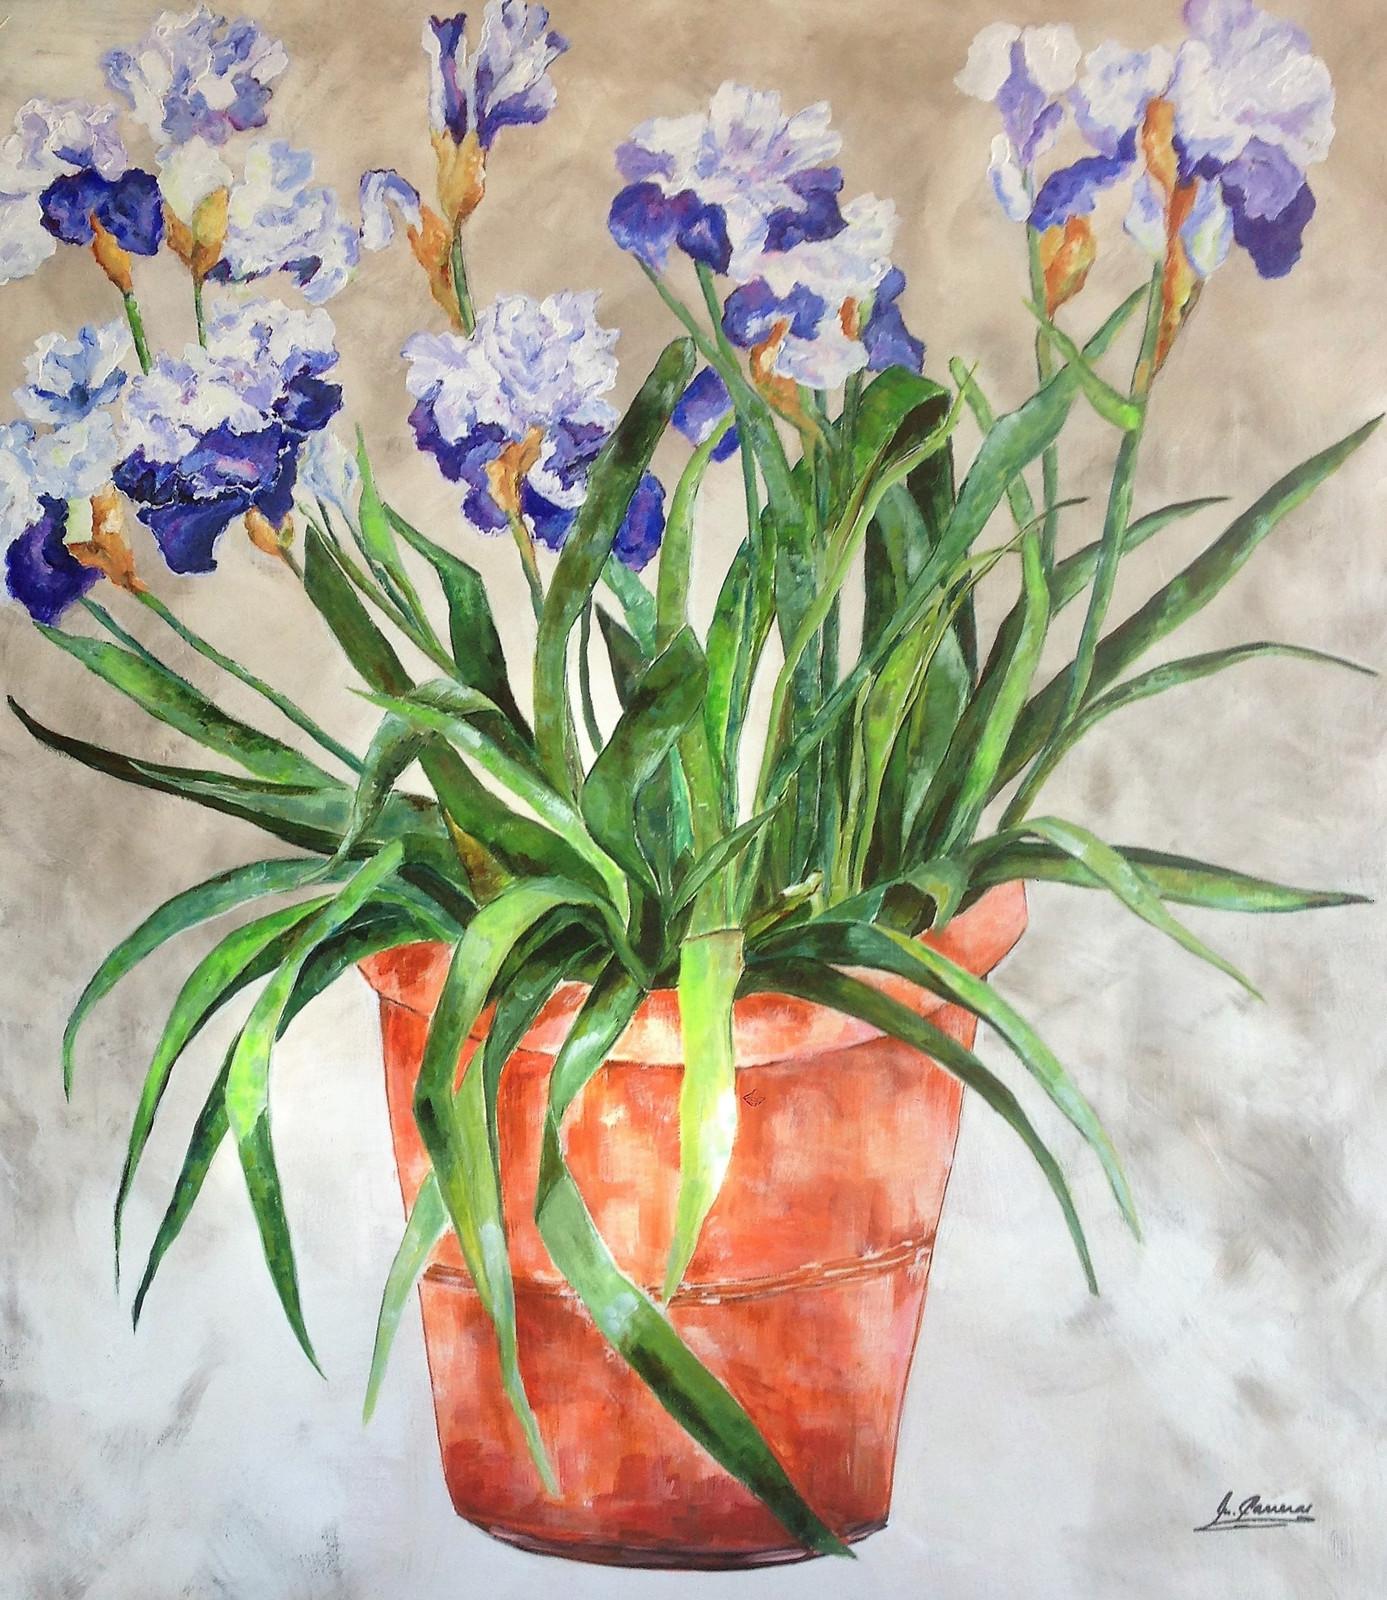 White & blue irises